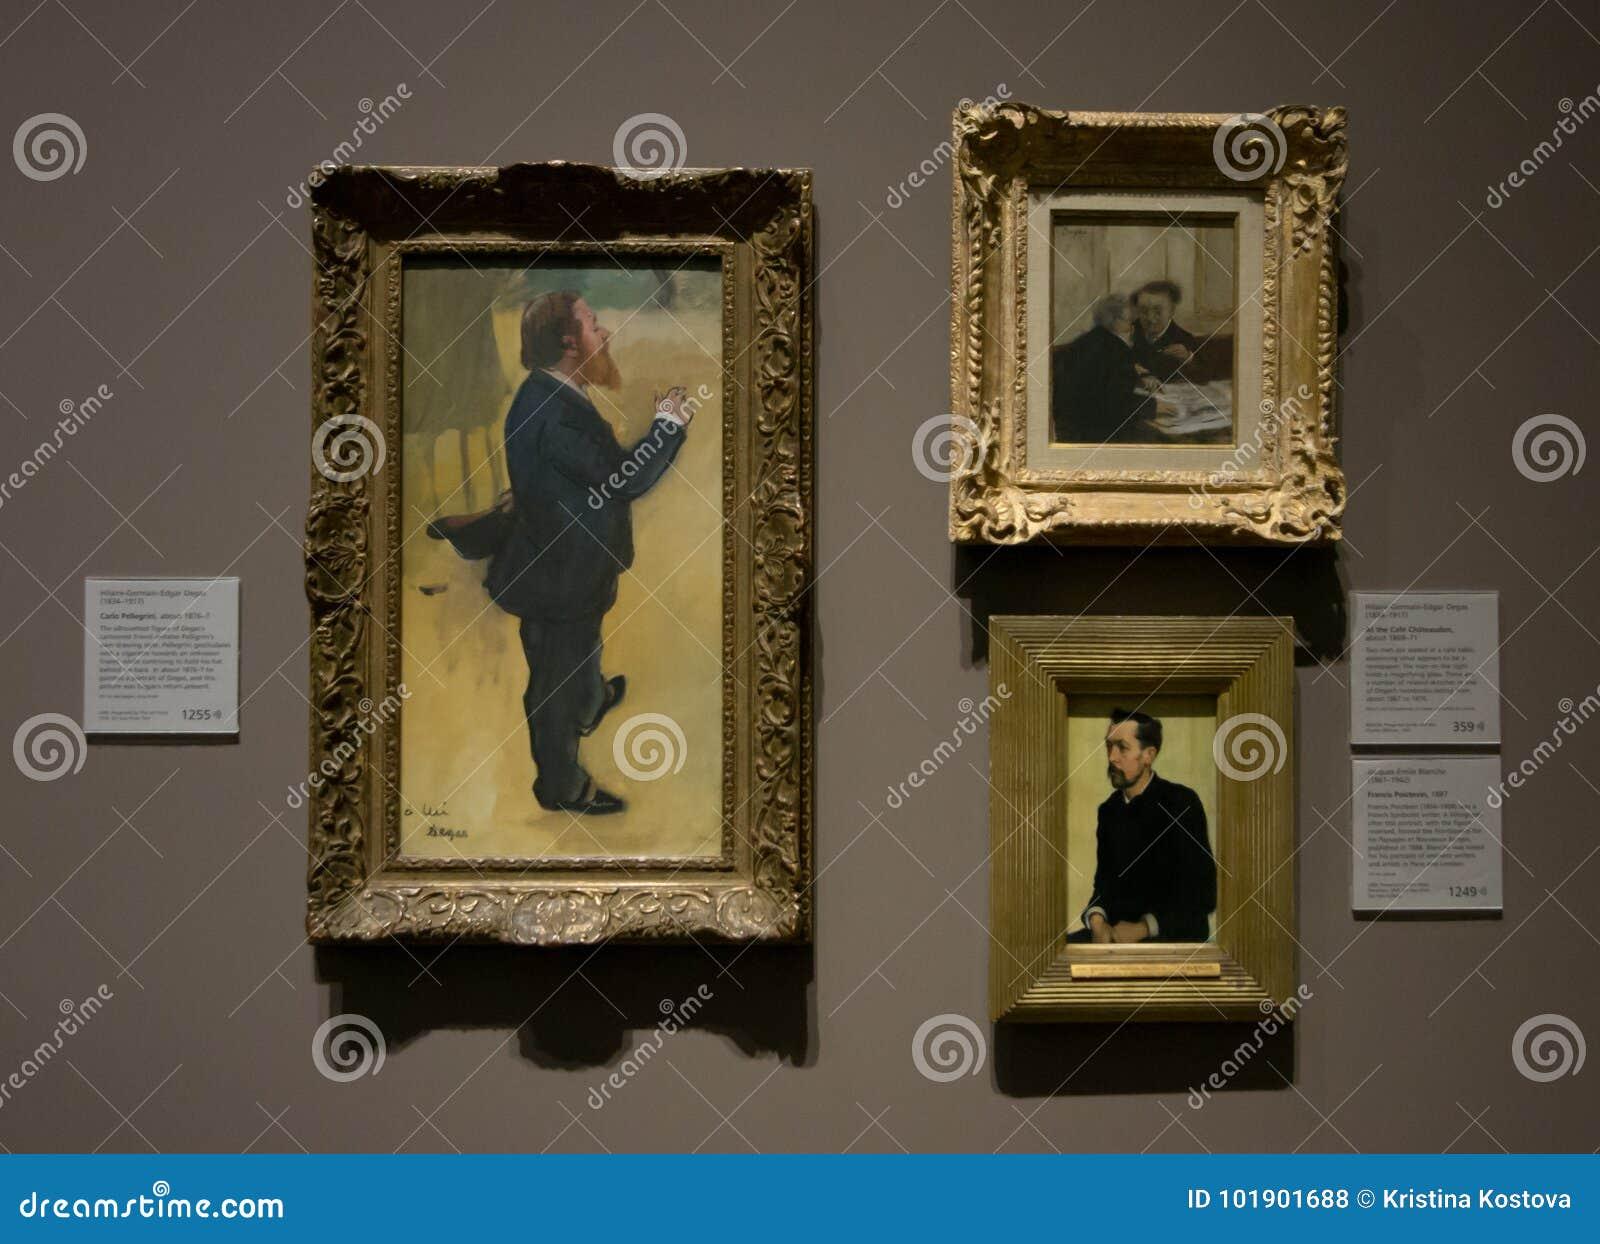 Een samenstelling van schilderijen door Hilaire-Germain-Edgar Degas in het National Gallery in Londen